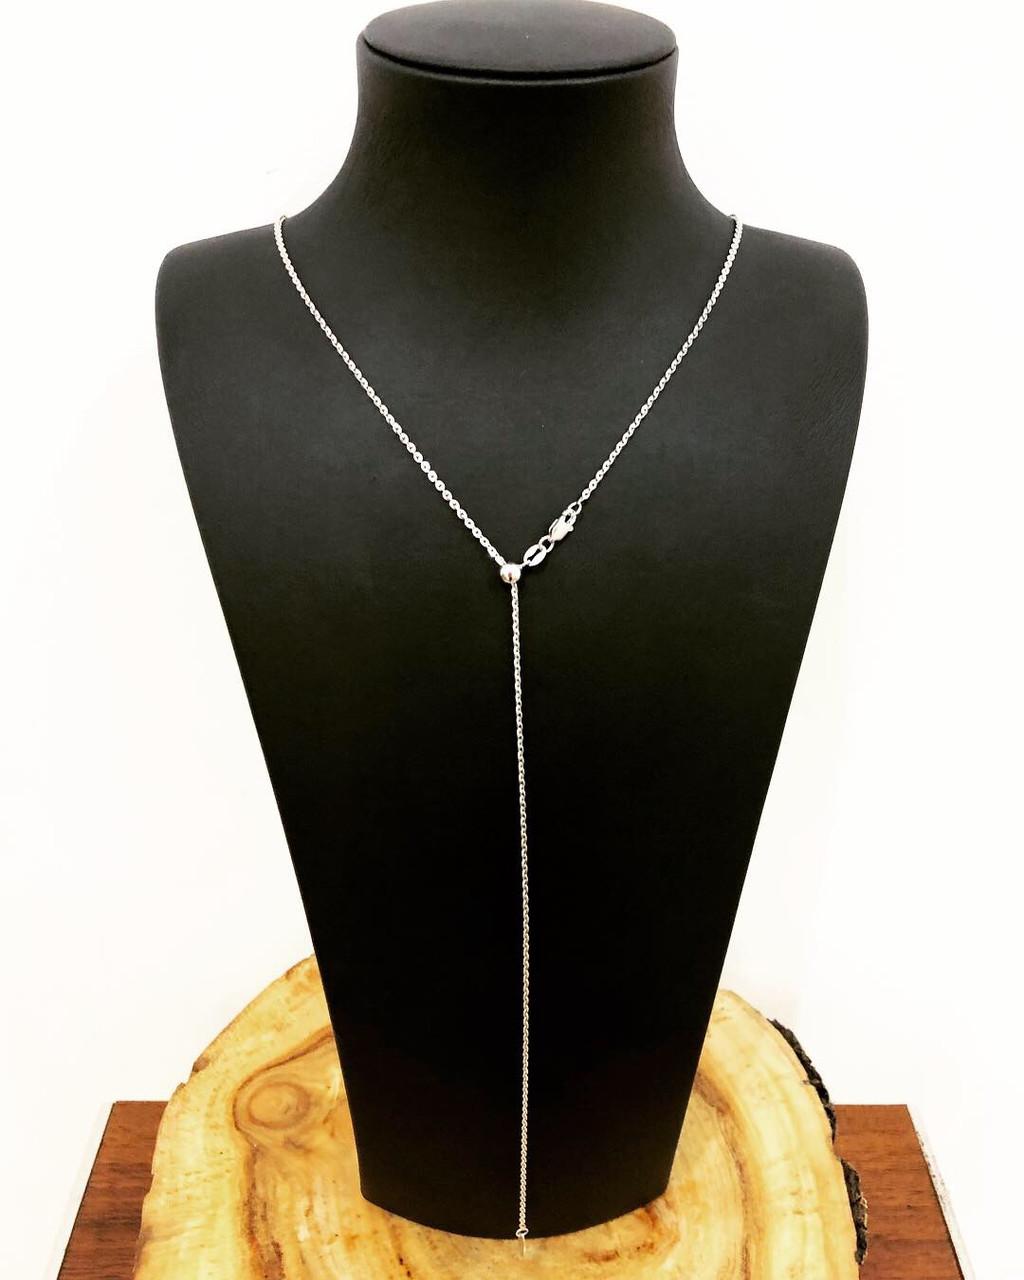 Цепь из серебра 925 My Jewels на регуляторе длины 60 см